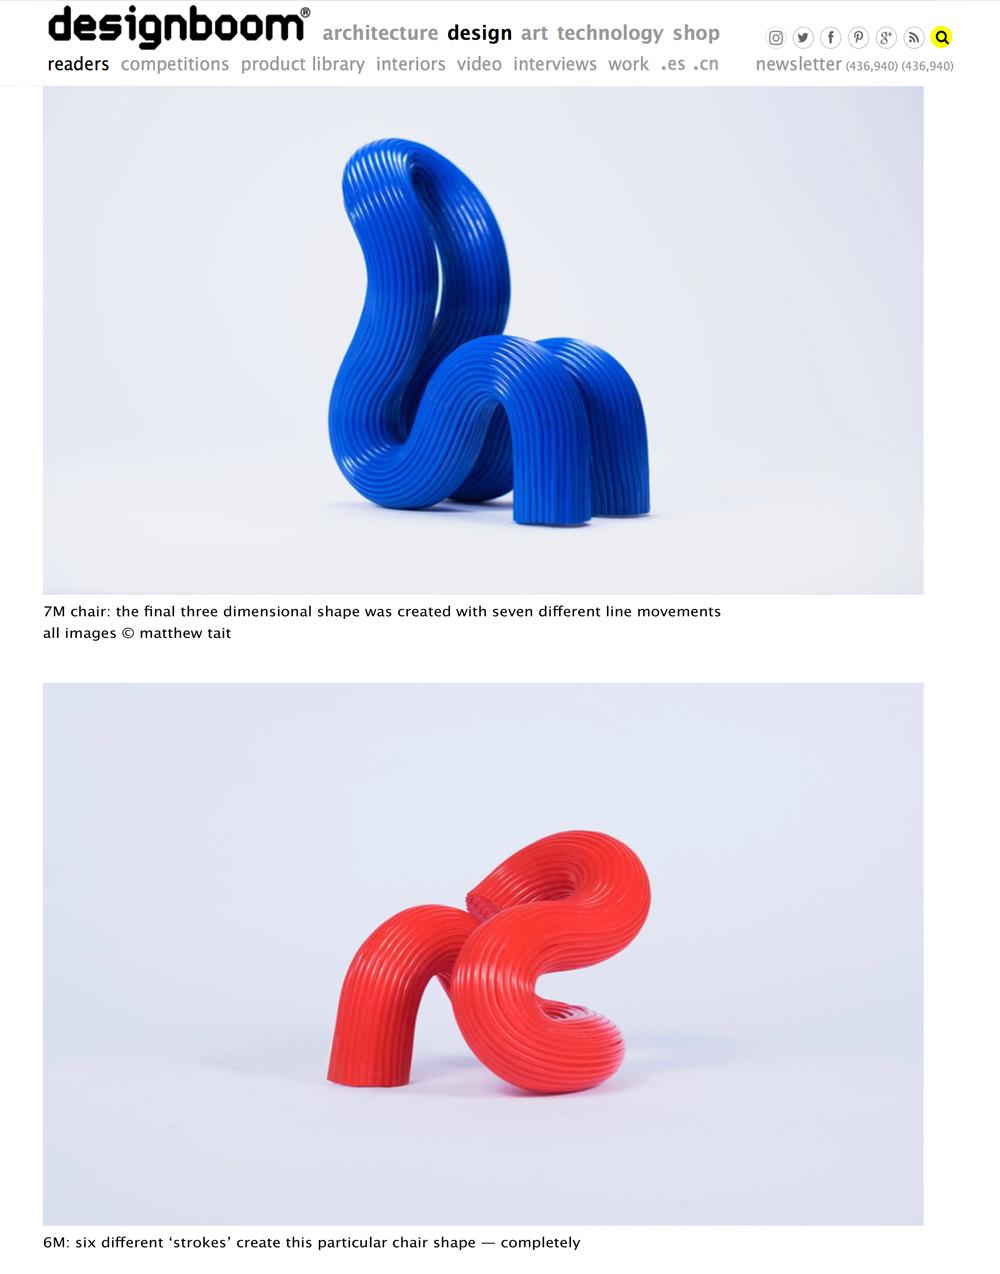 designboom-7M-page-3.jpg